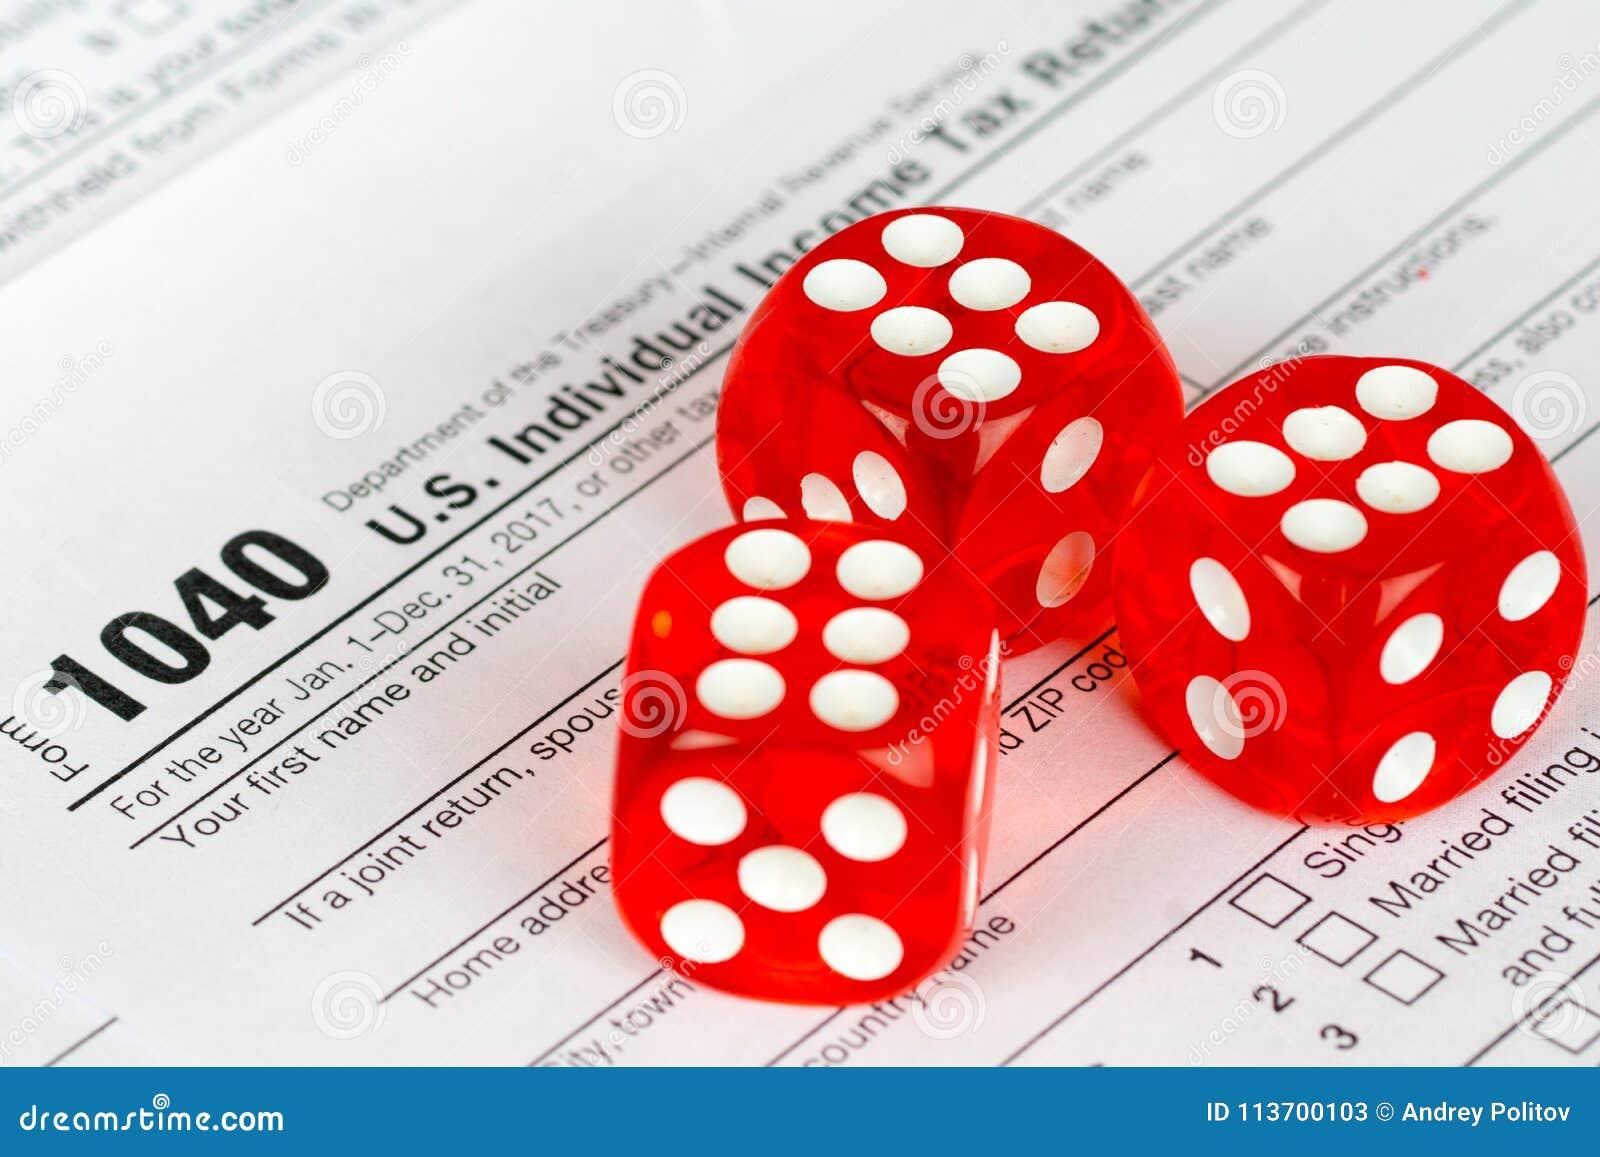 Форма 1040 налоговой декларации с красным цветом 3 dices